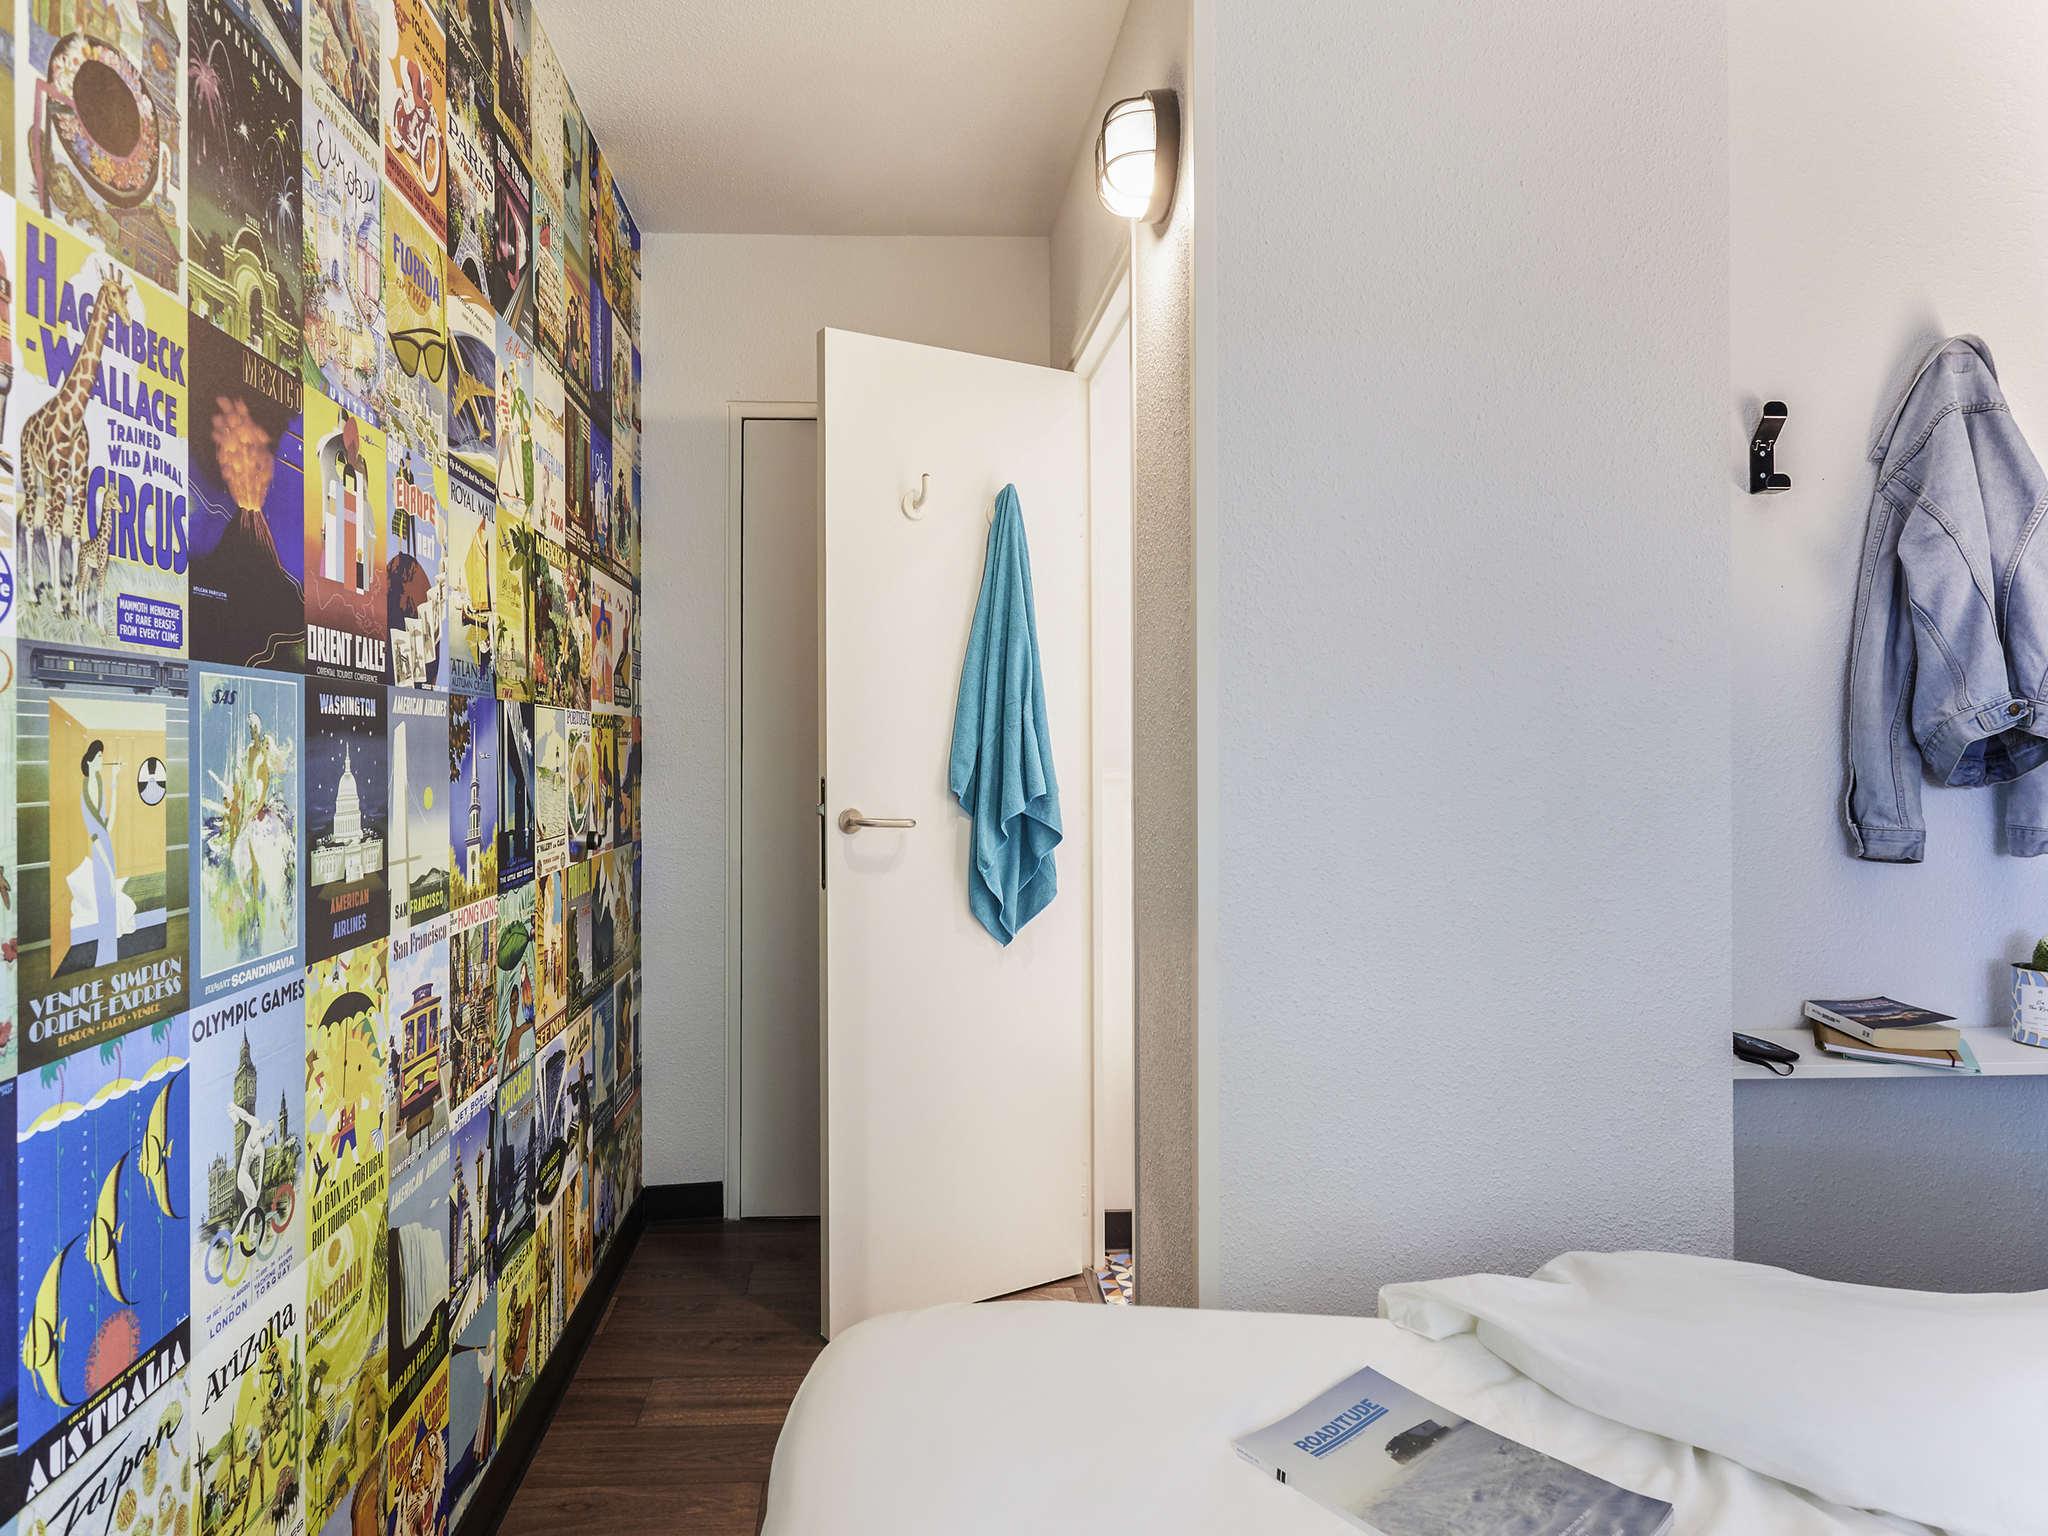 Hôtel - hotelF1 Marne-la-Vallée Collégien (rénové)